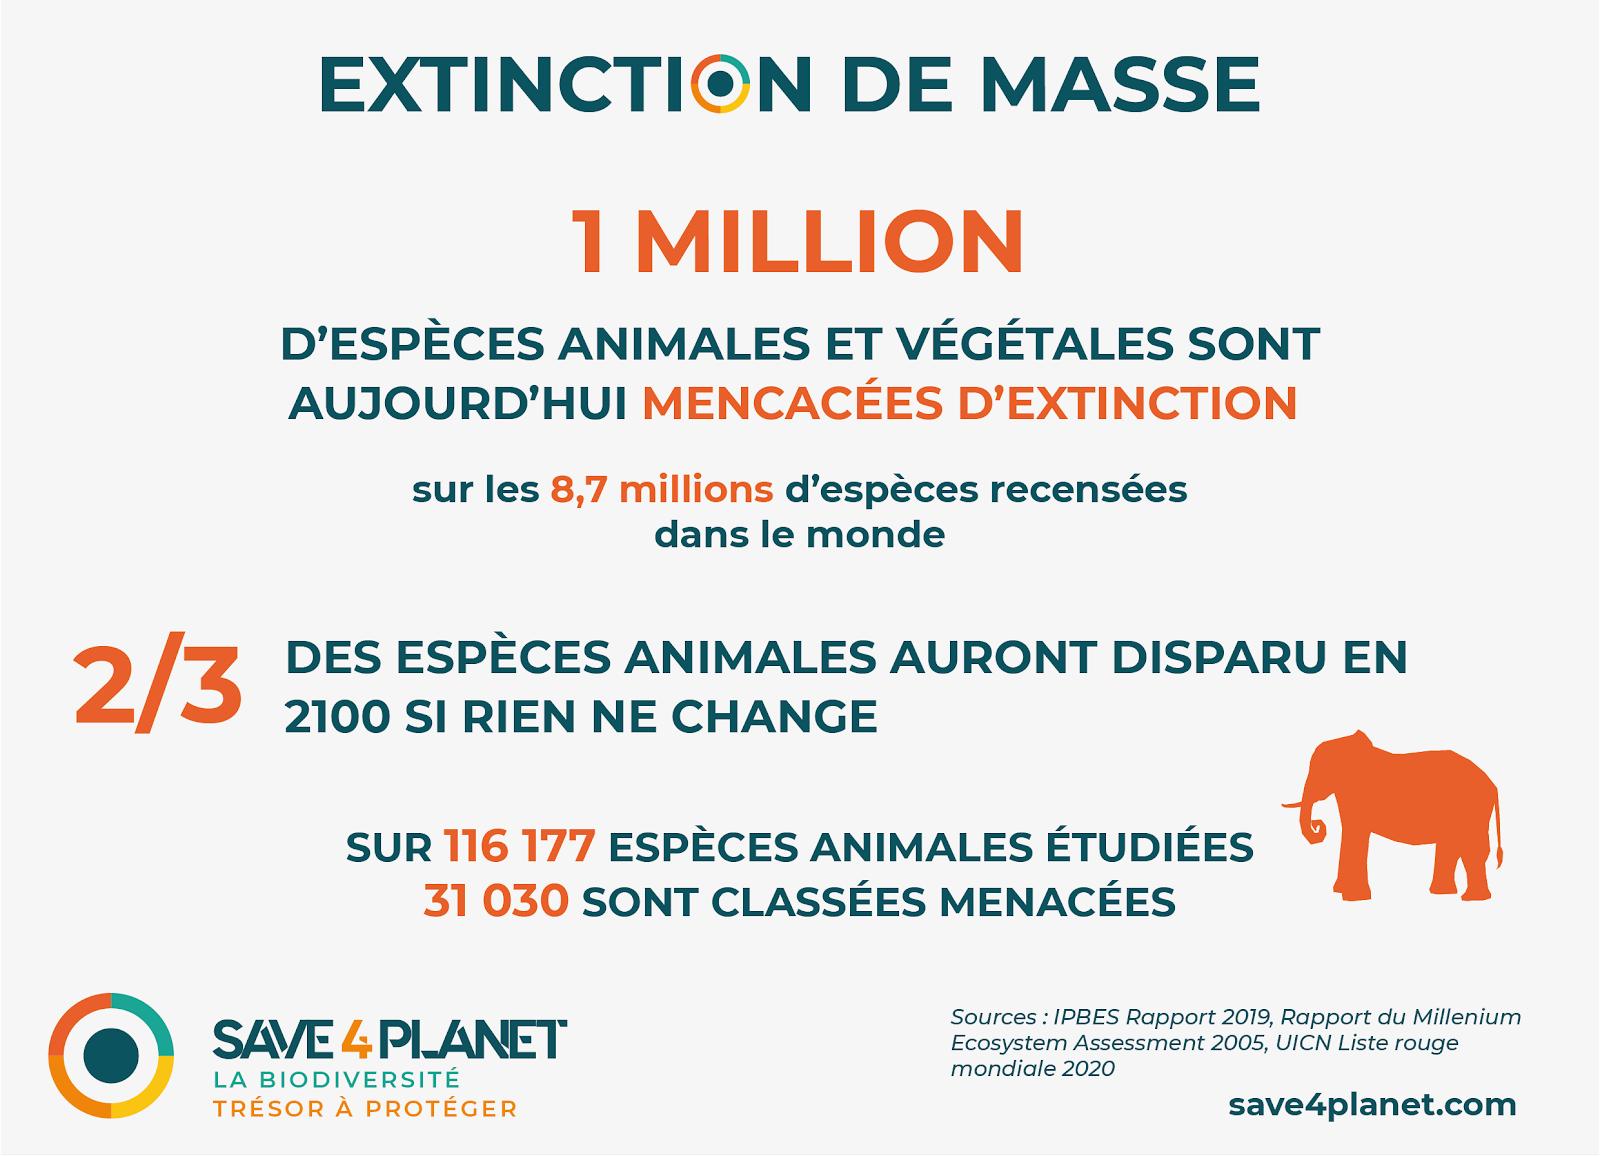 Extinction de masse